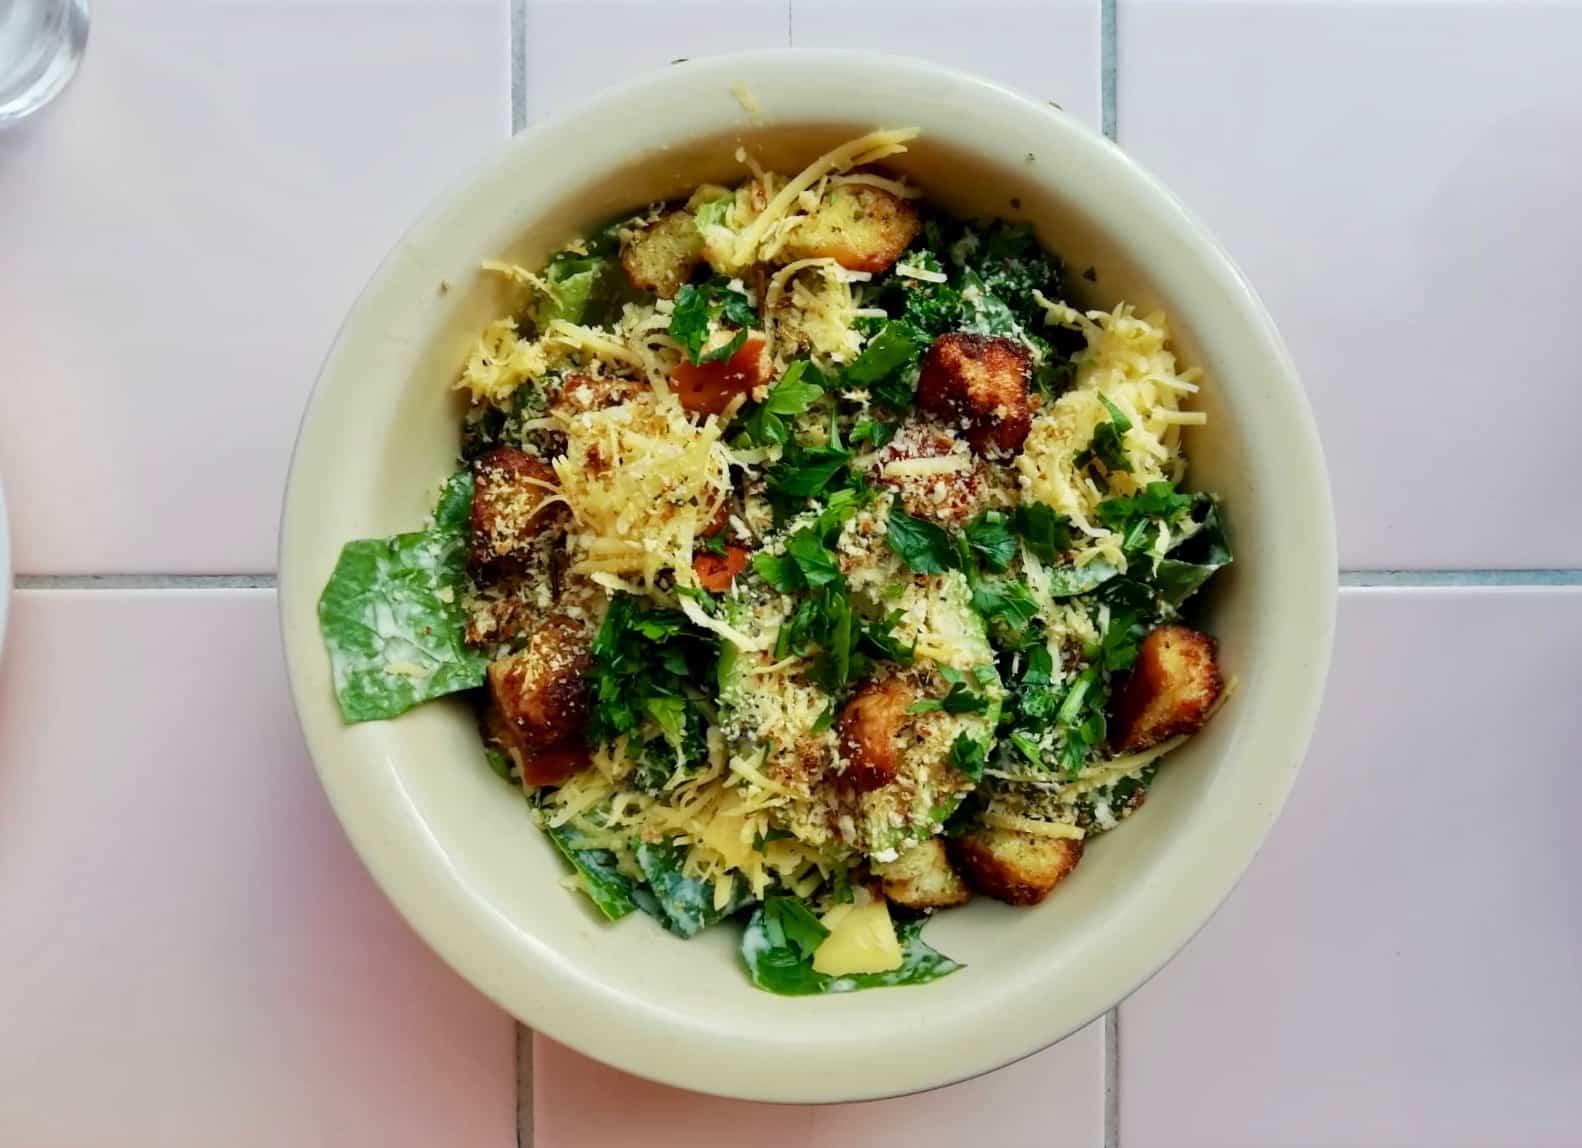 Vegan Caesar Salad from Genesis London